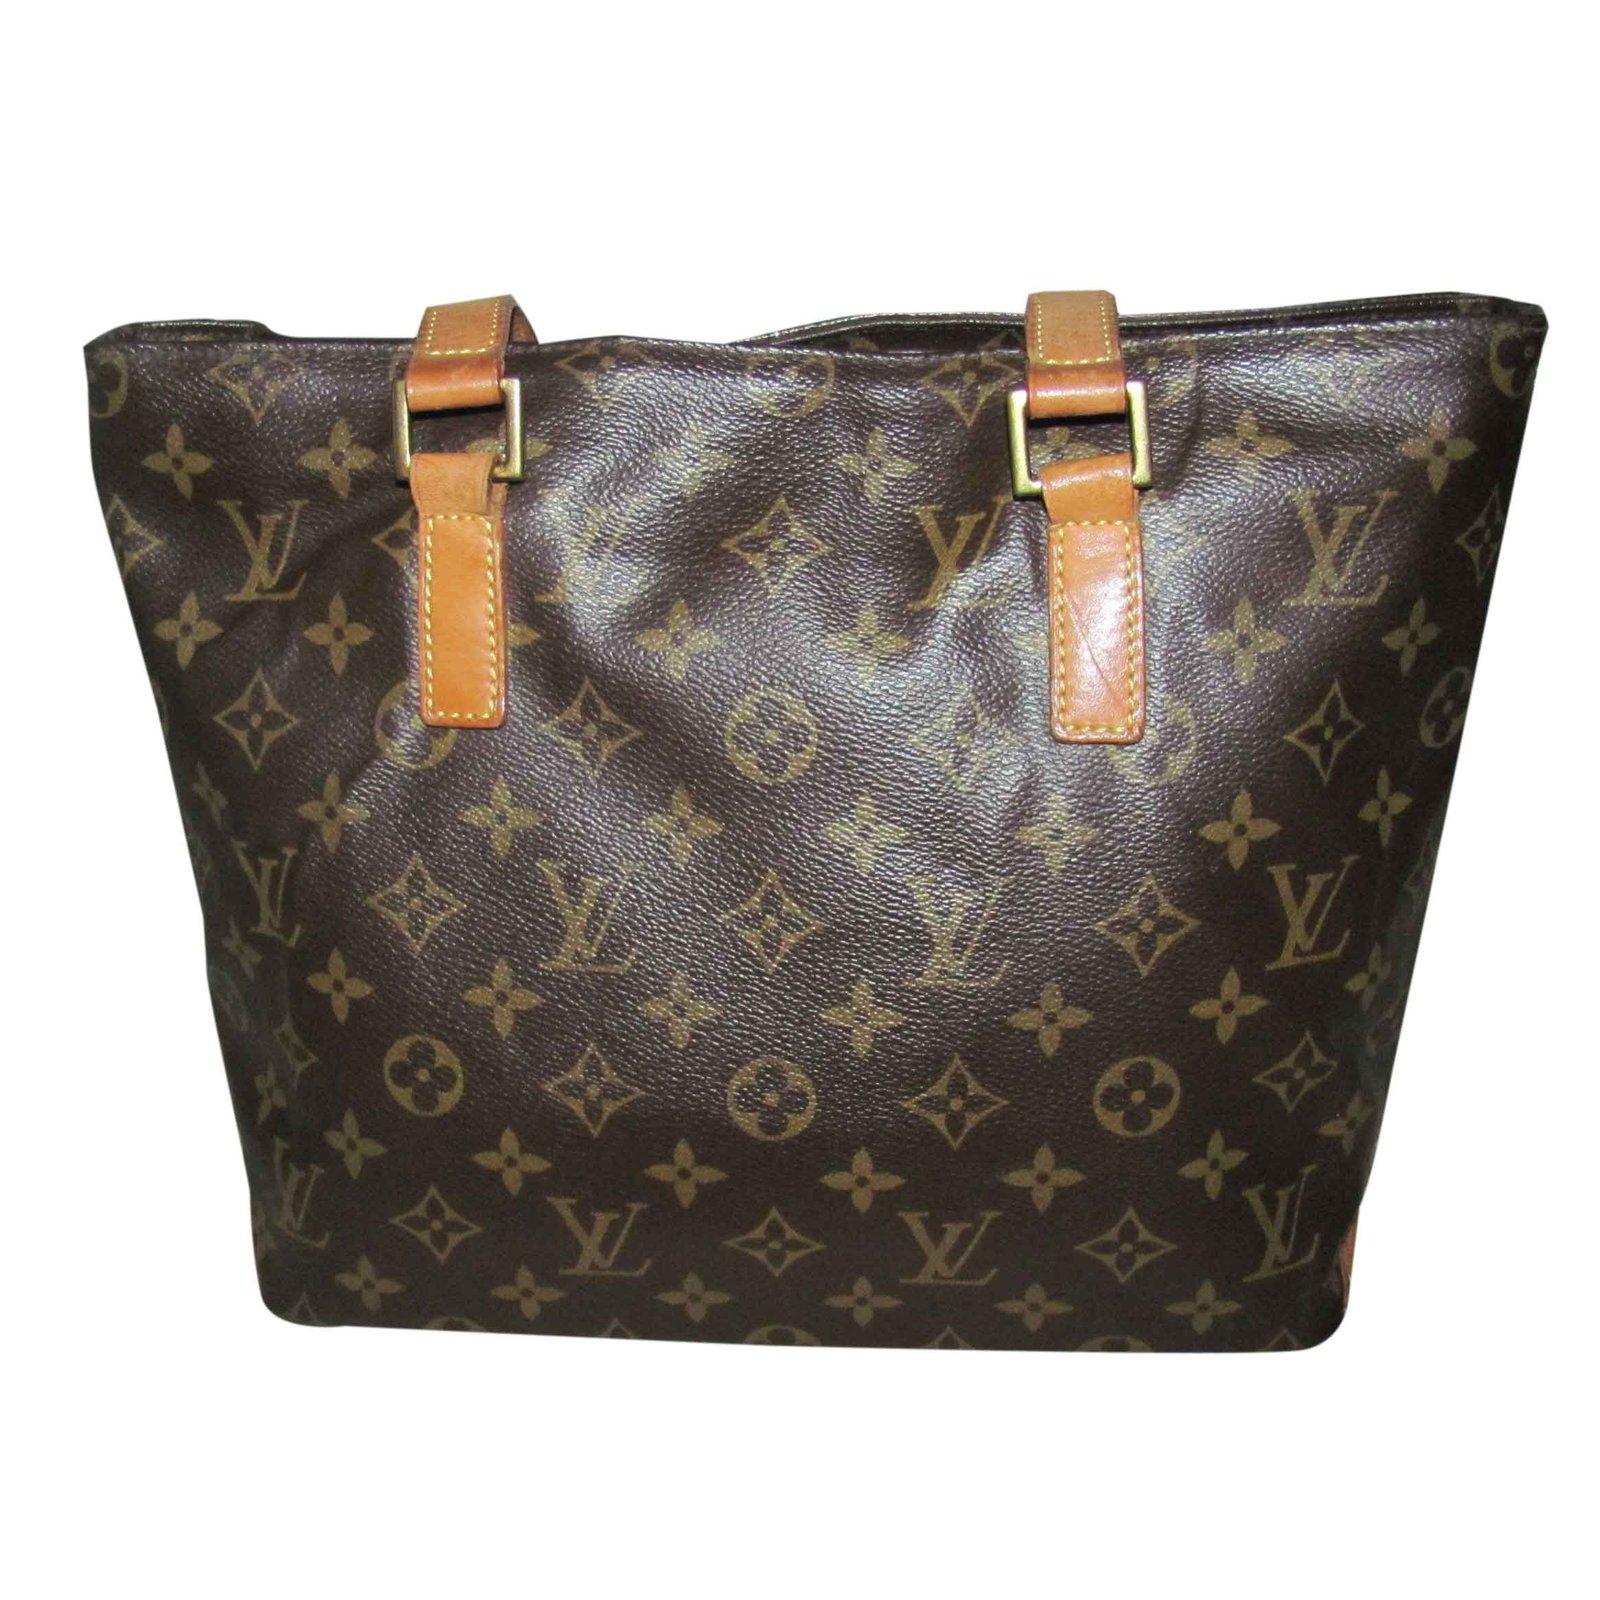 07a0e375268dd Louis Vuitton PIANO-Tasche Handtaschen Leder Braun ref.26651 - Joli ...